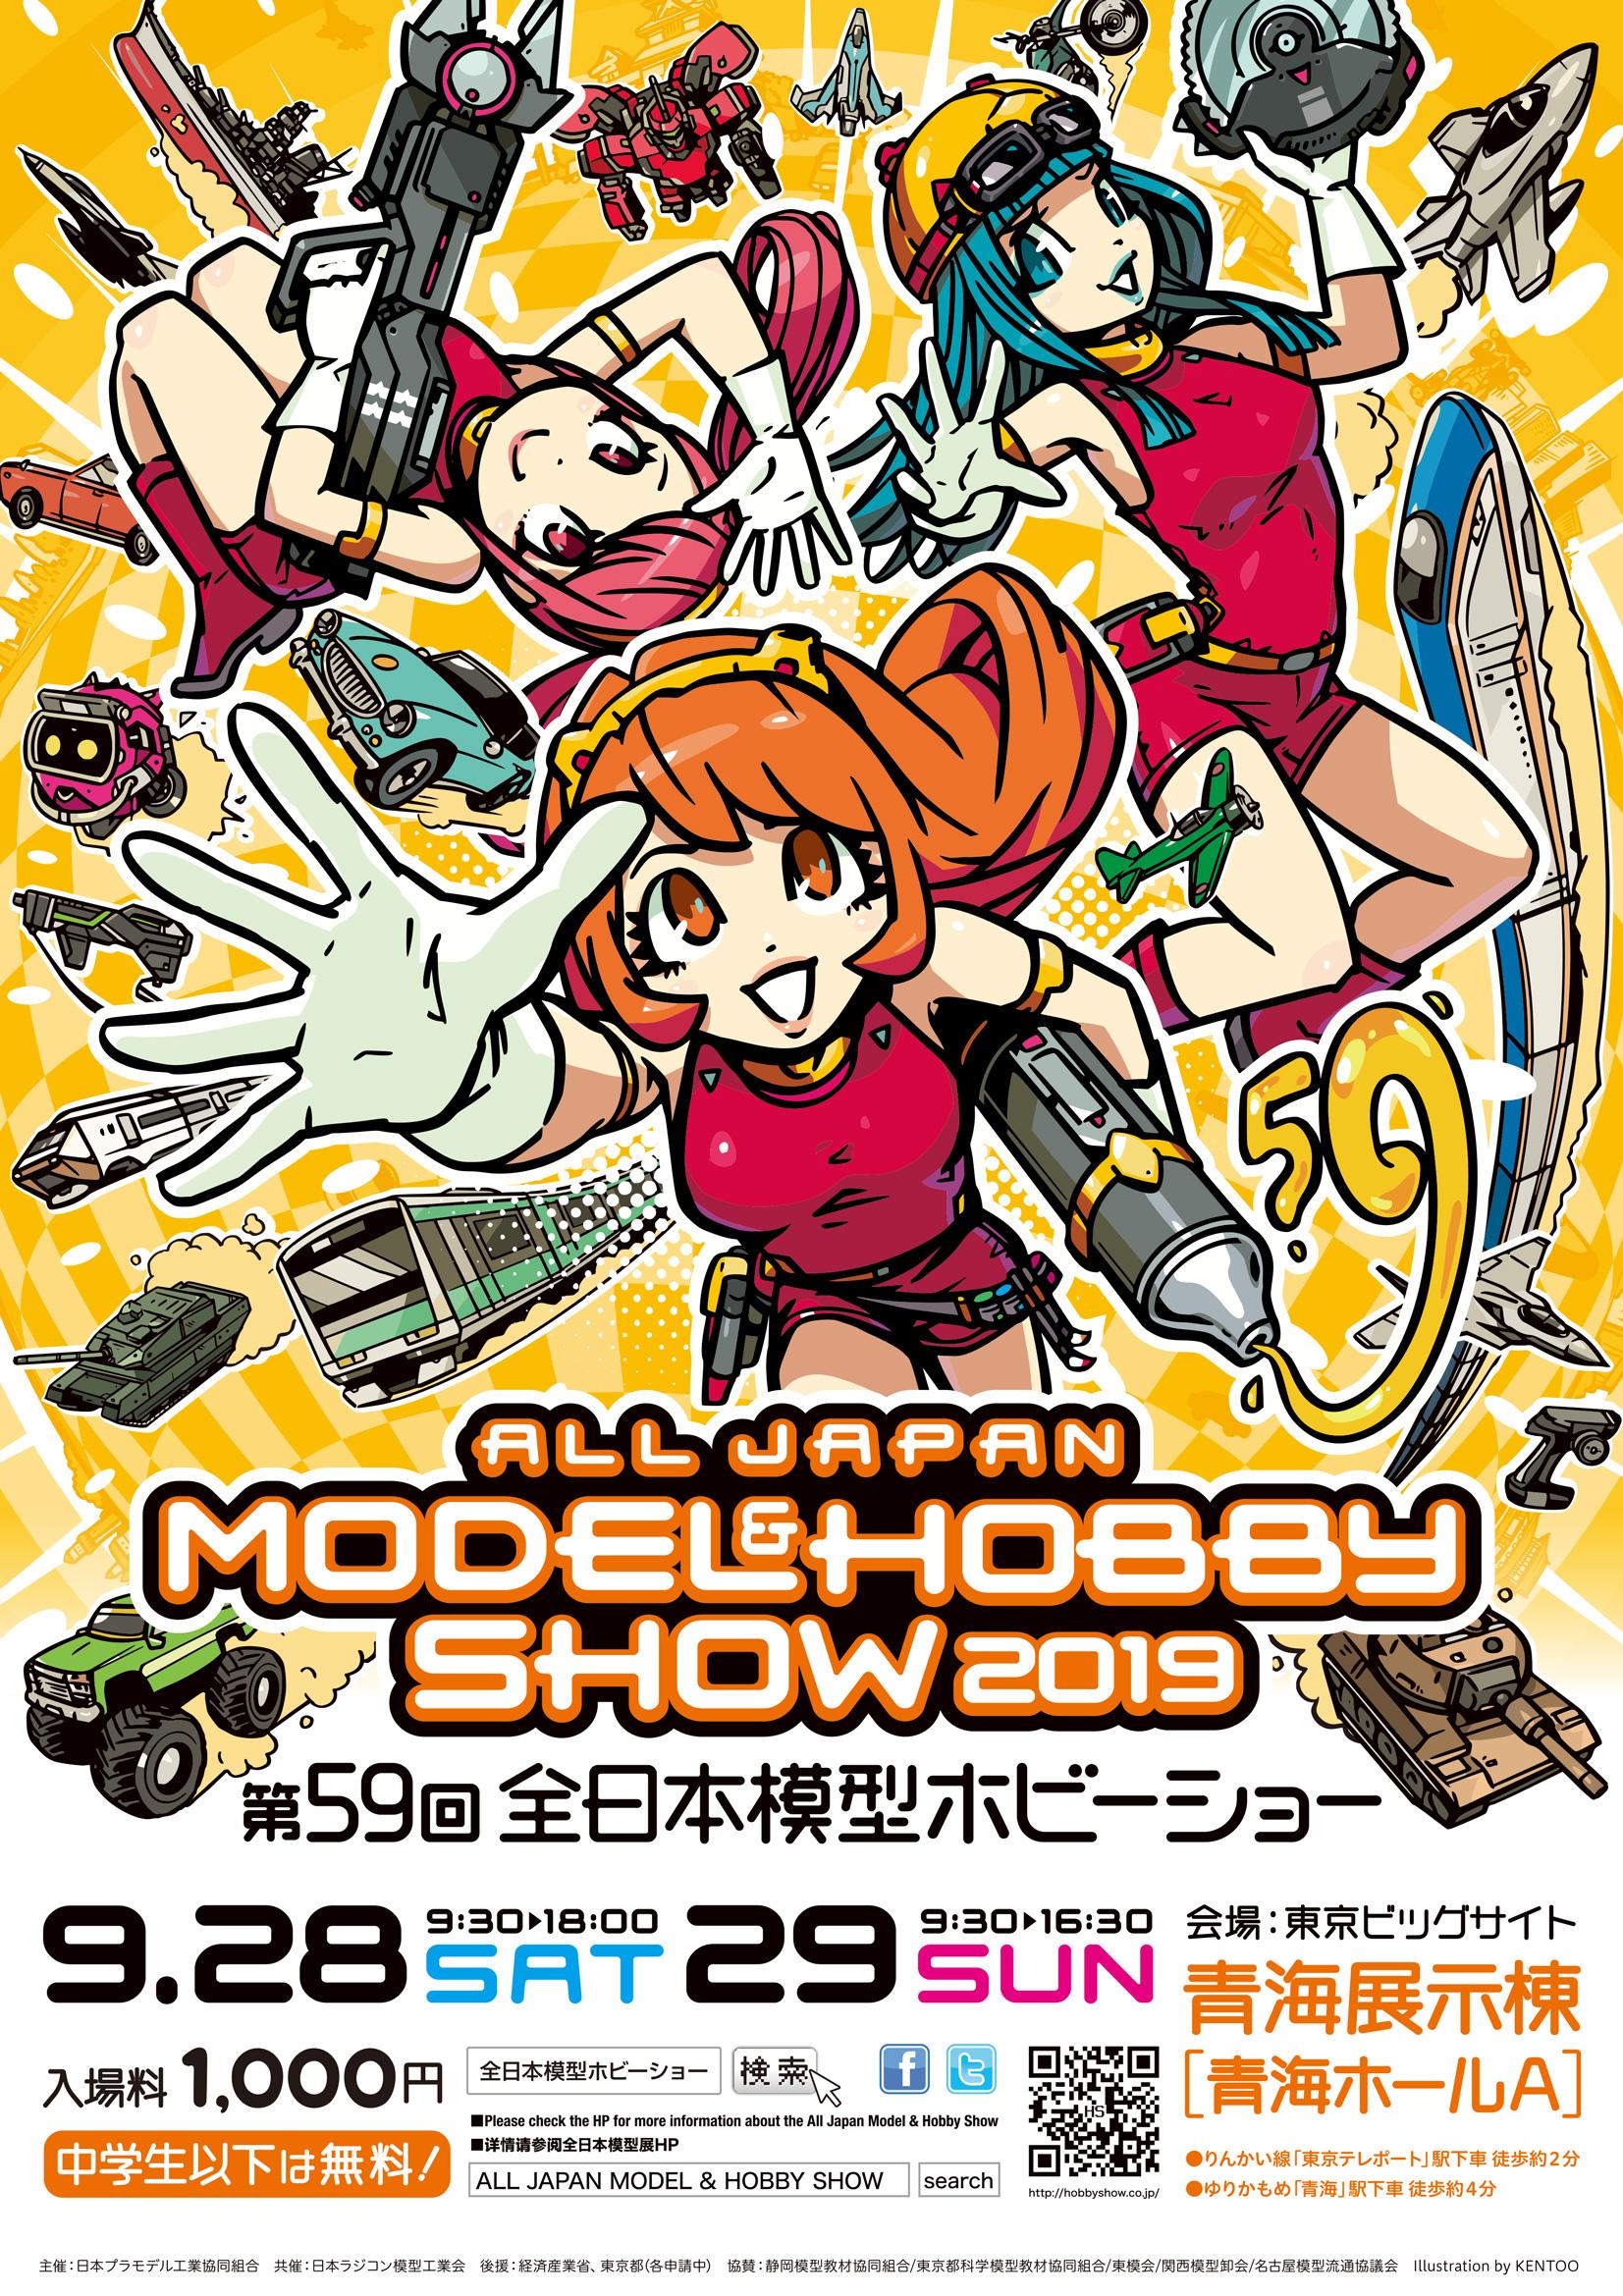 http://www.rokuhan.com/news/HOBBY2019.jpg